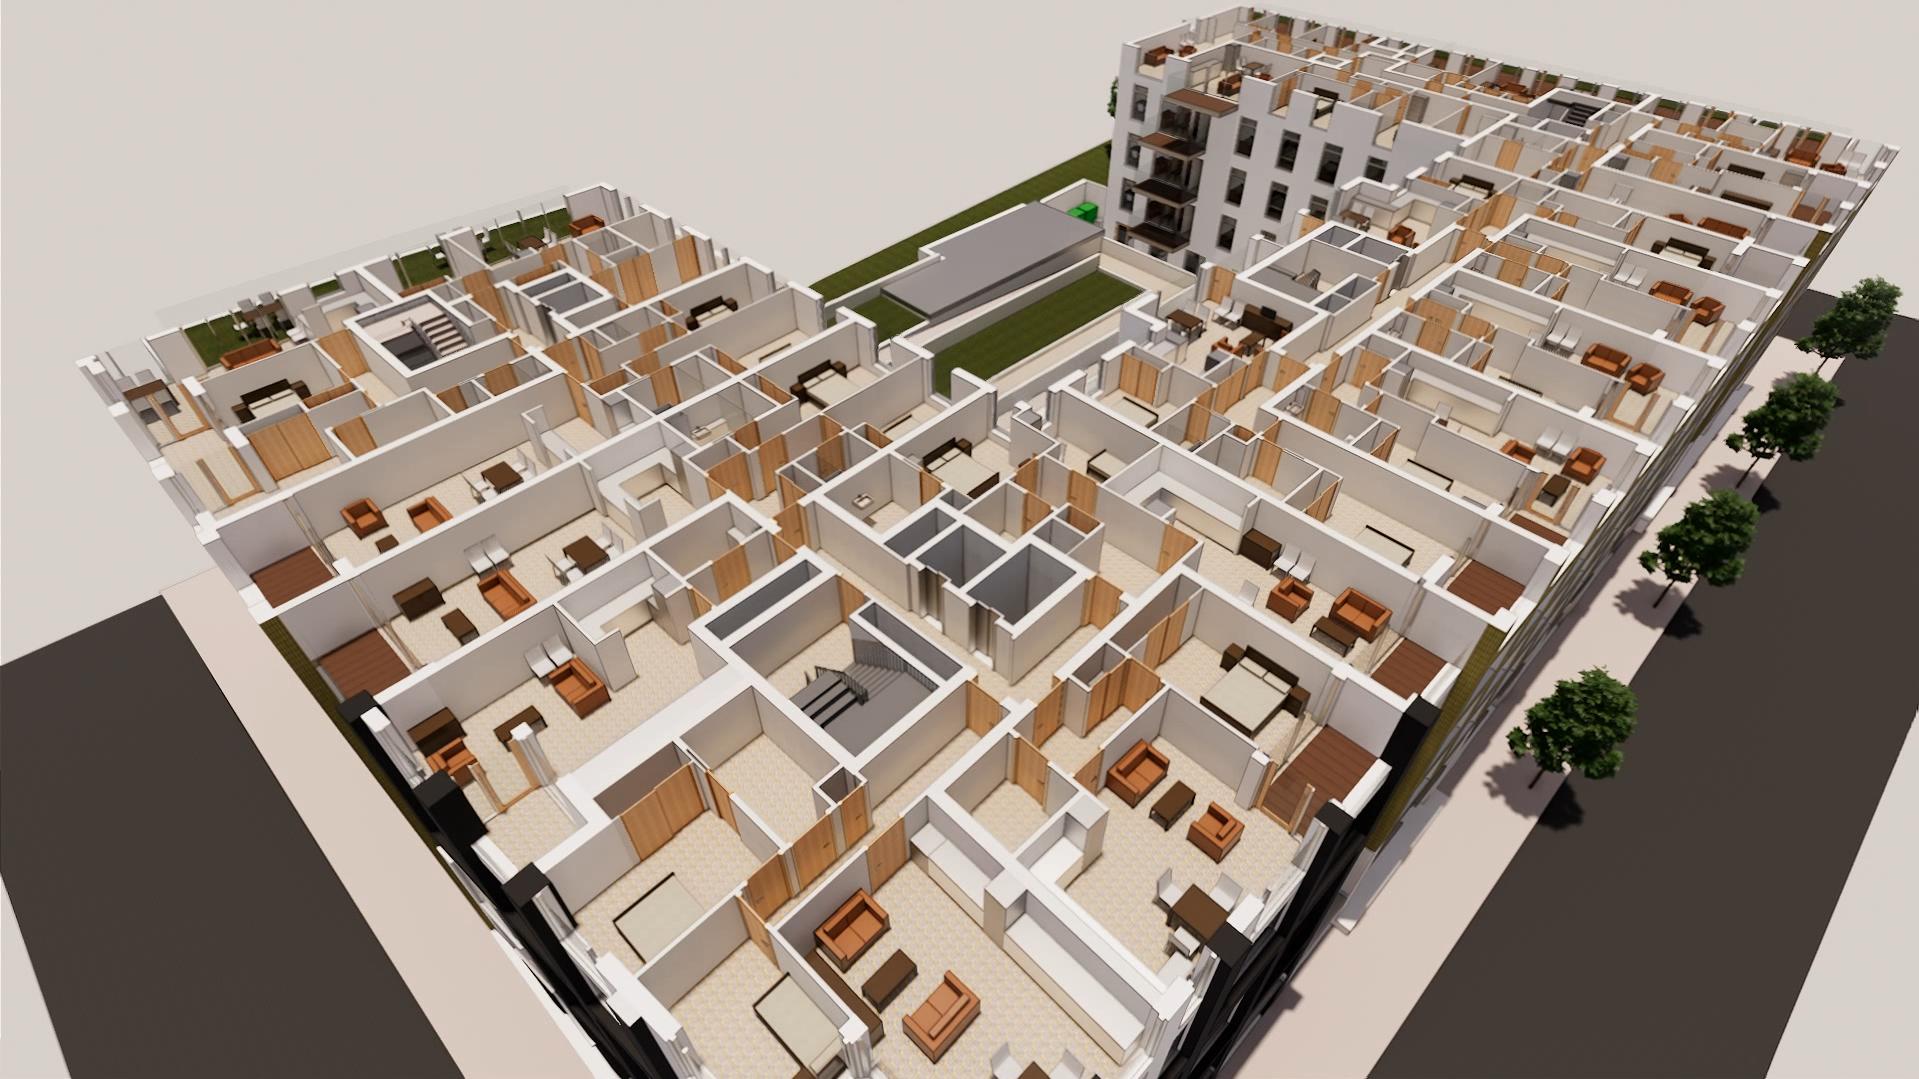 Model of King's Cross Quarter